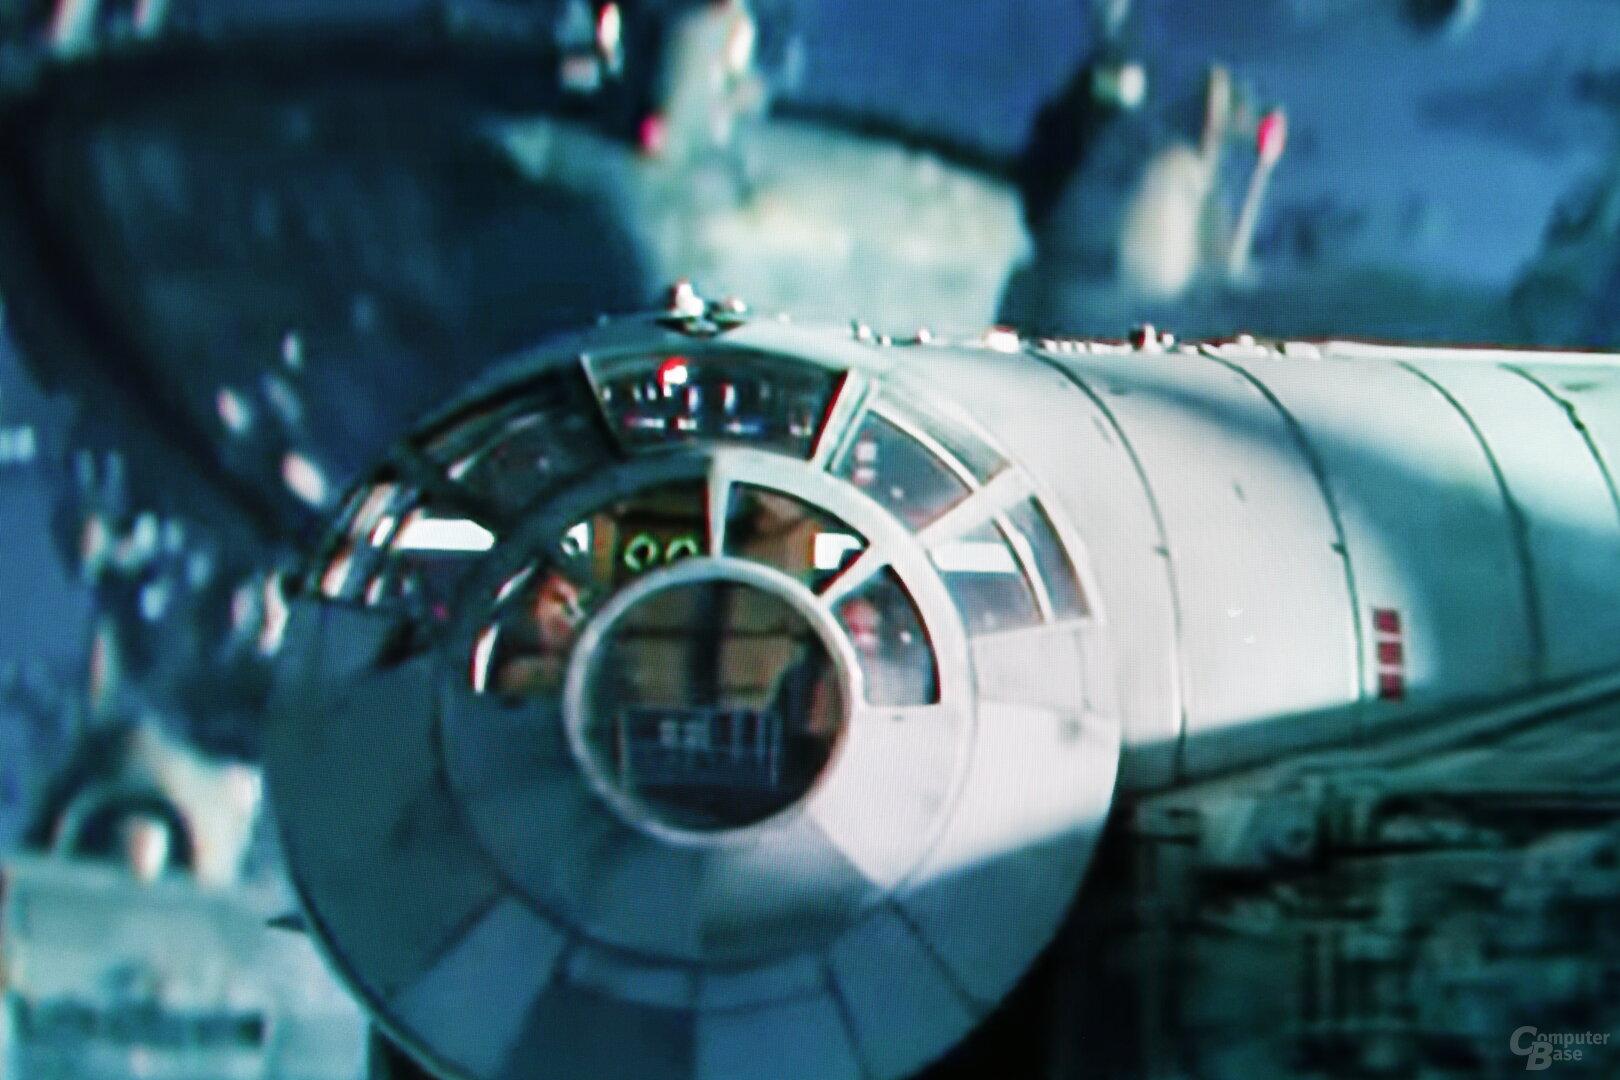 Szene aus Star Wars IX Trailer: Standard-Upscaling